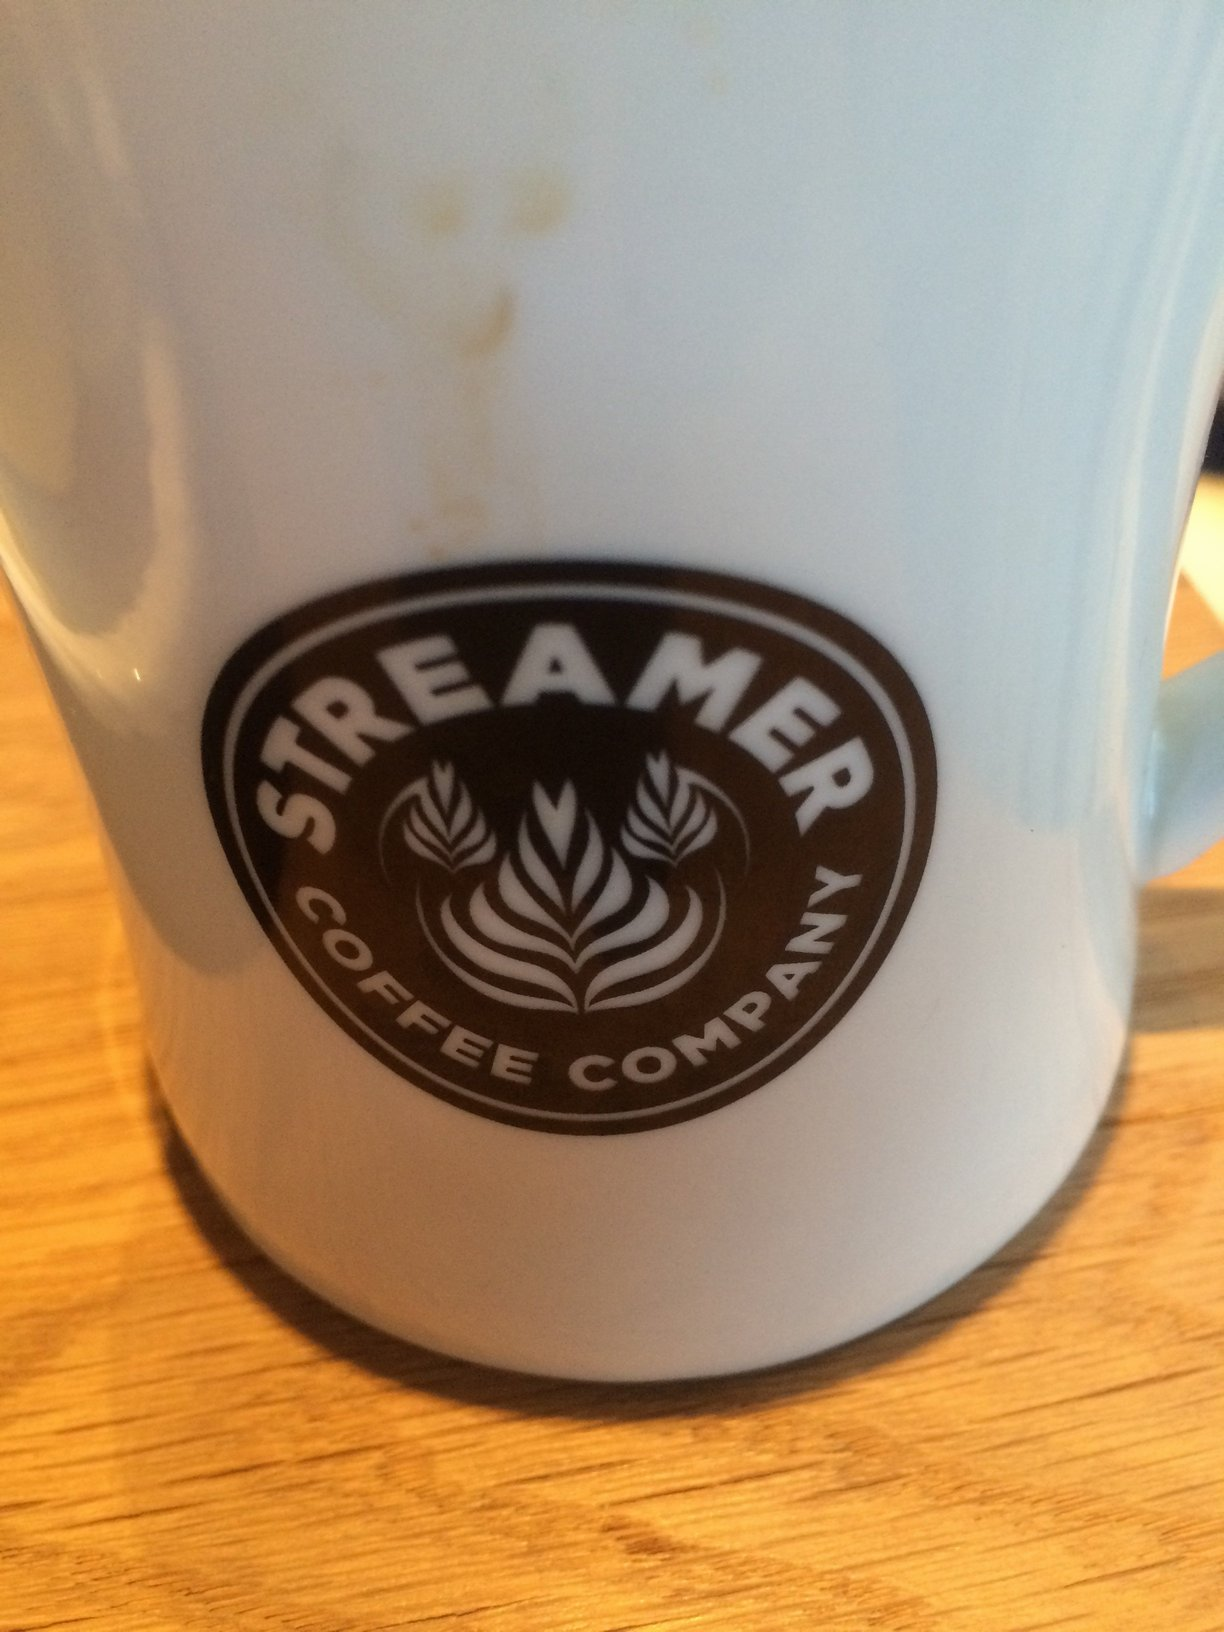 話題の「ストリーマー コーヒーカンパニー」に行ってみた@五本木